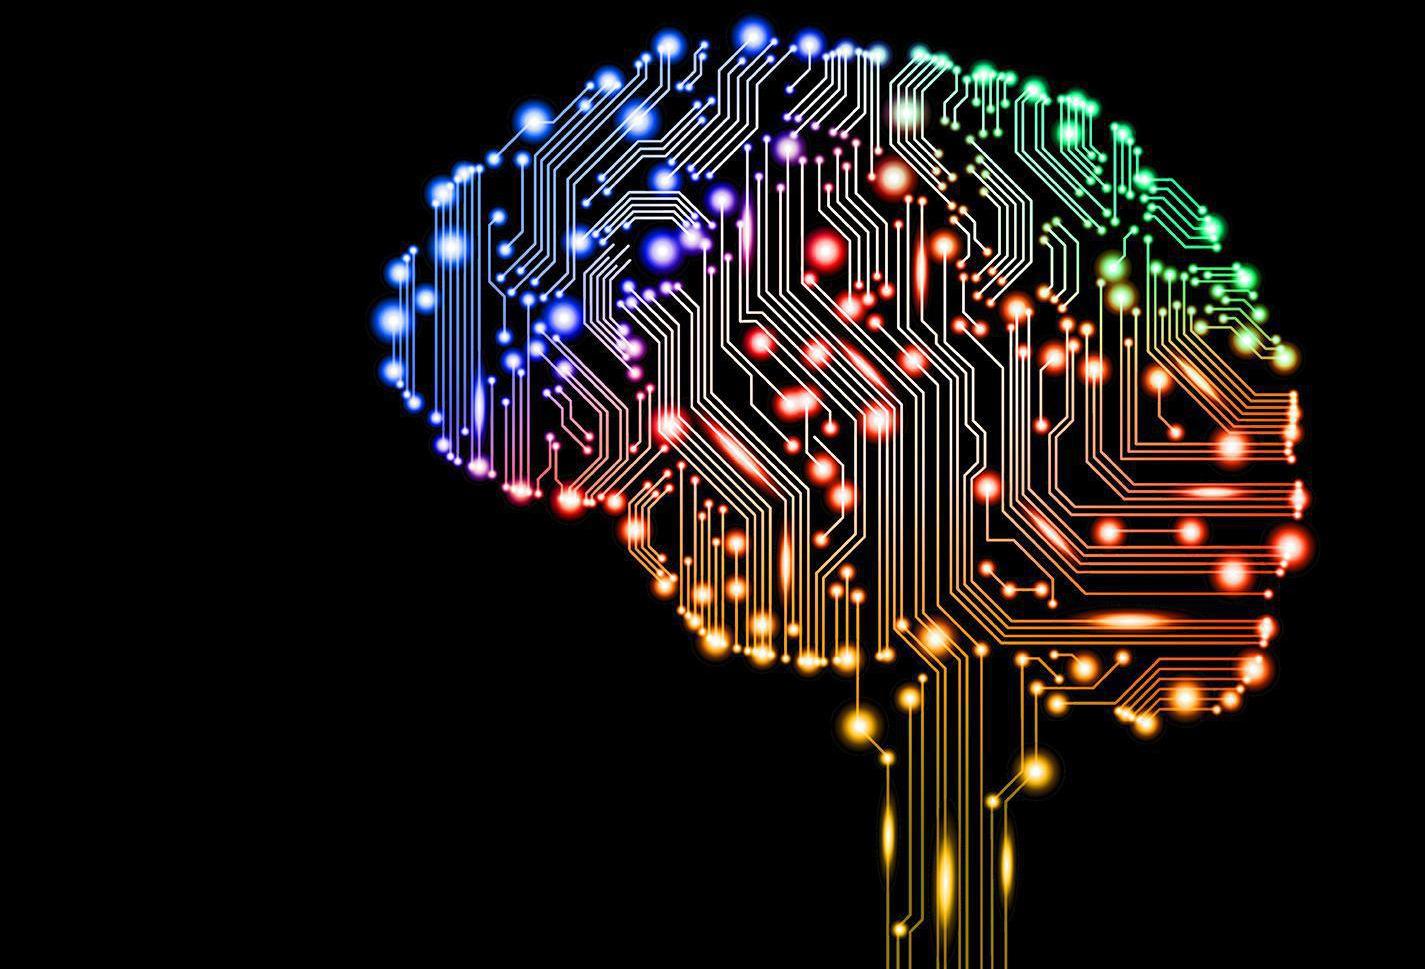 Искусственный интеллект и машинное обучение: как это работает